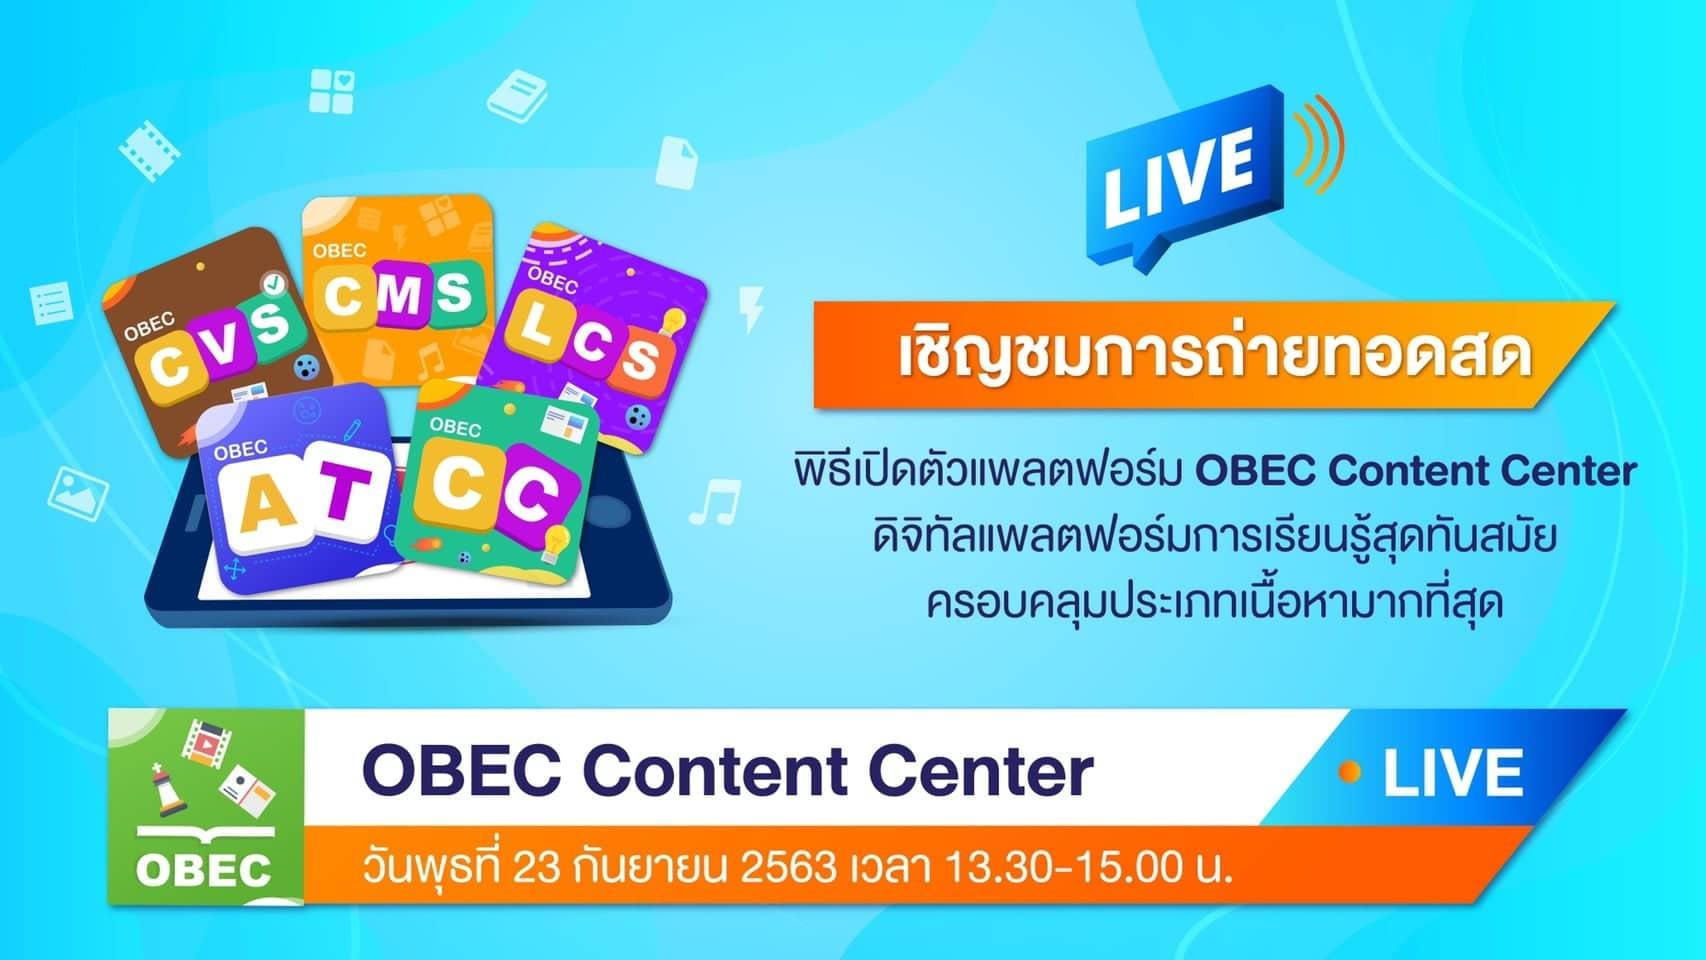 """สพฐ.เชิญชมการถ่ายทอดสด พิธีเปิดตัวแพลตฟอร์ม """"OBEC Content Center"""" 23 กันยายน 2563 เวลา 13.00 น. เป็นต้นไป"""